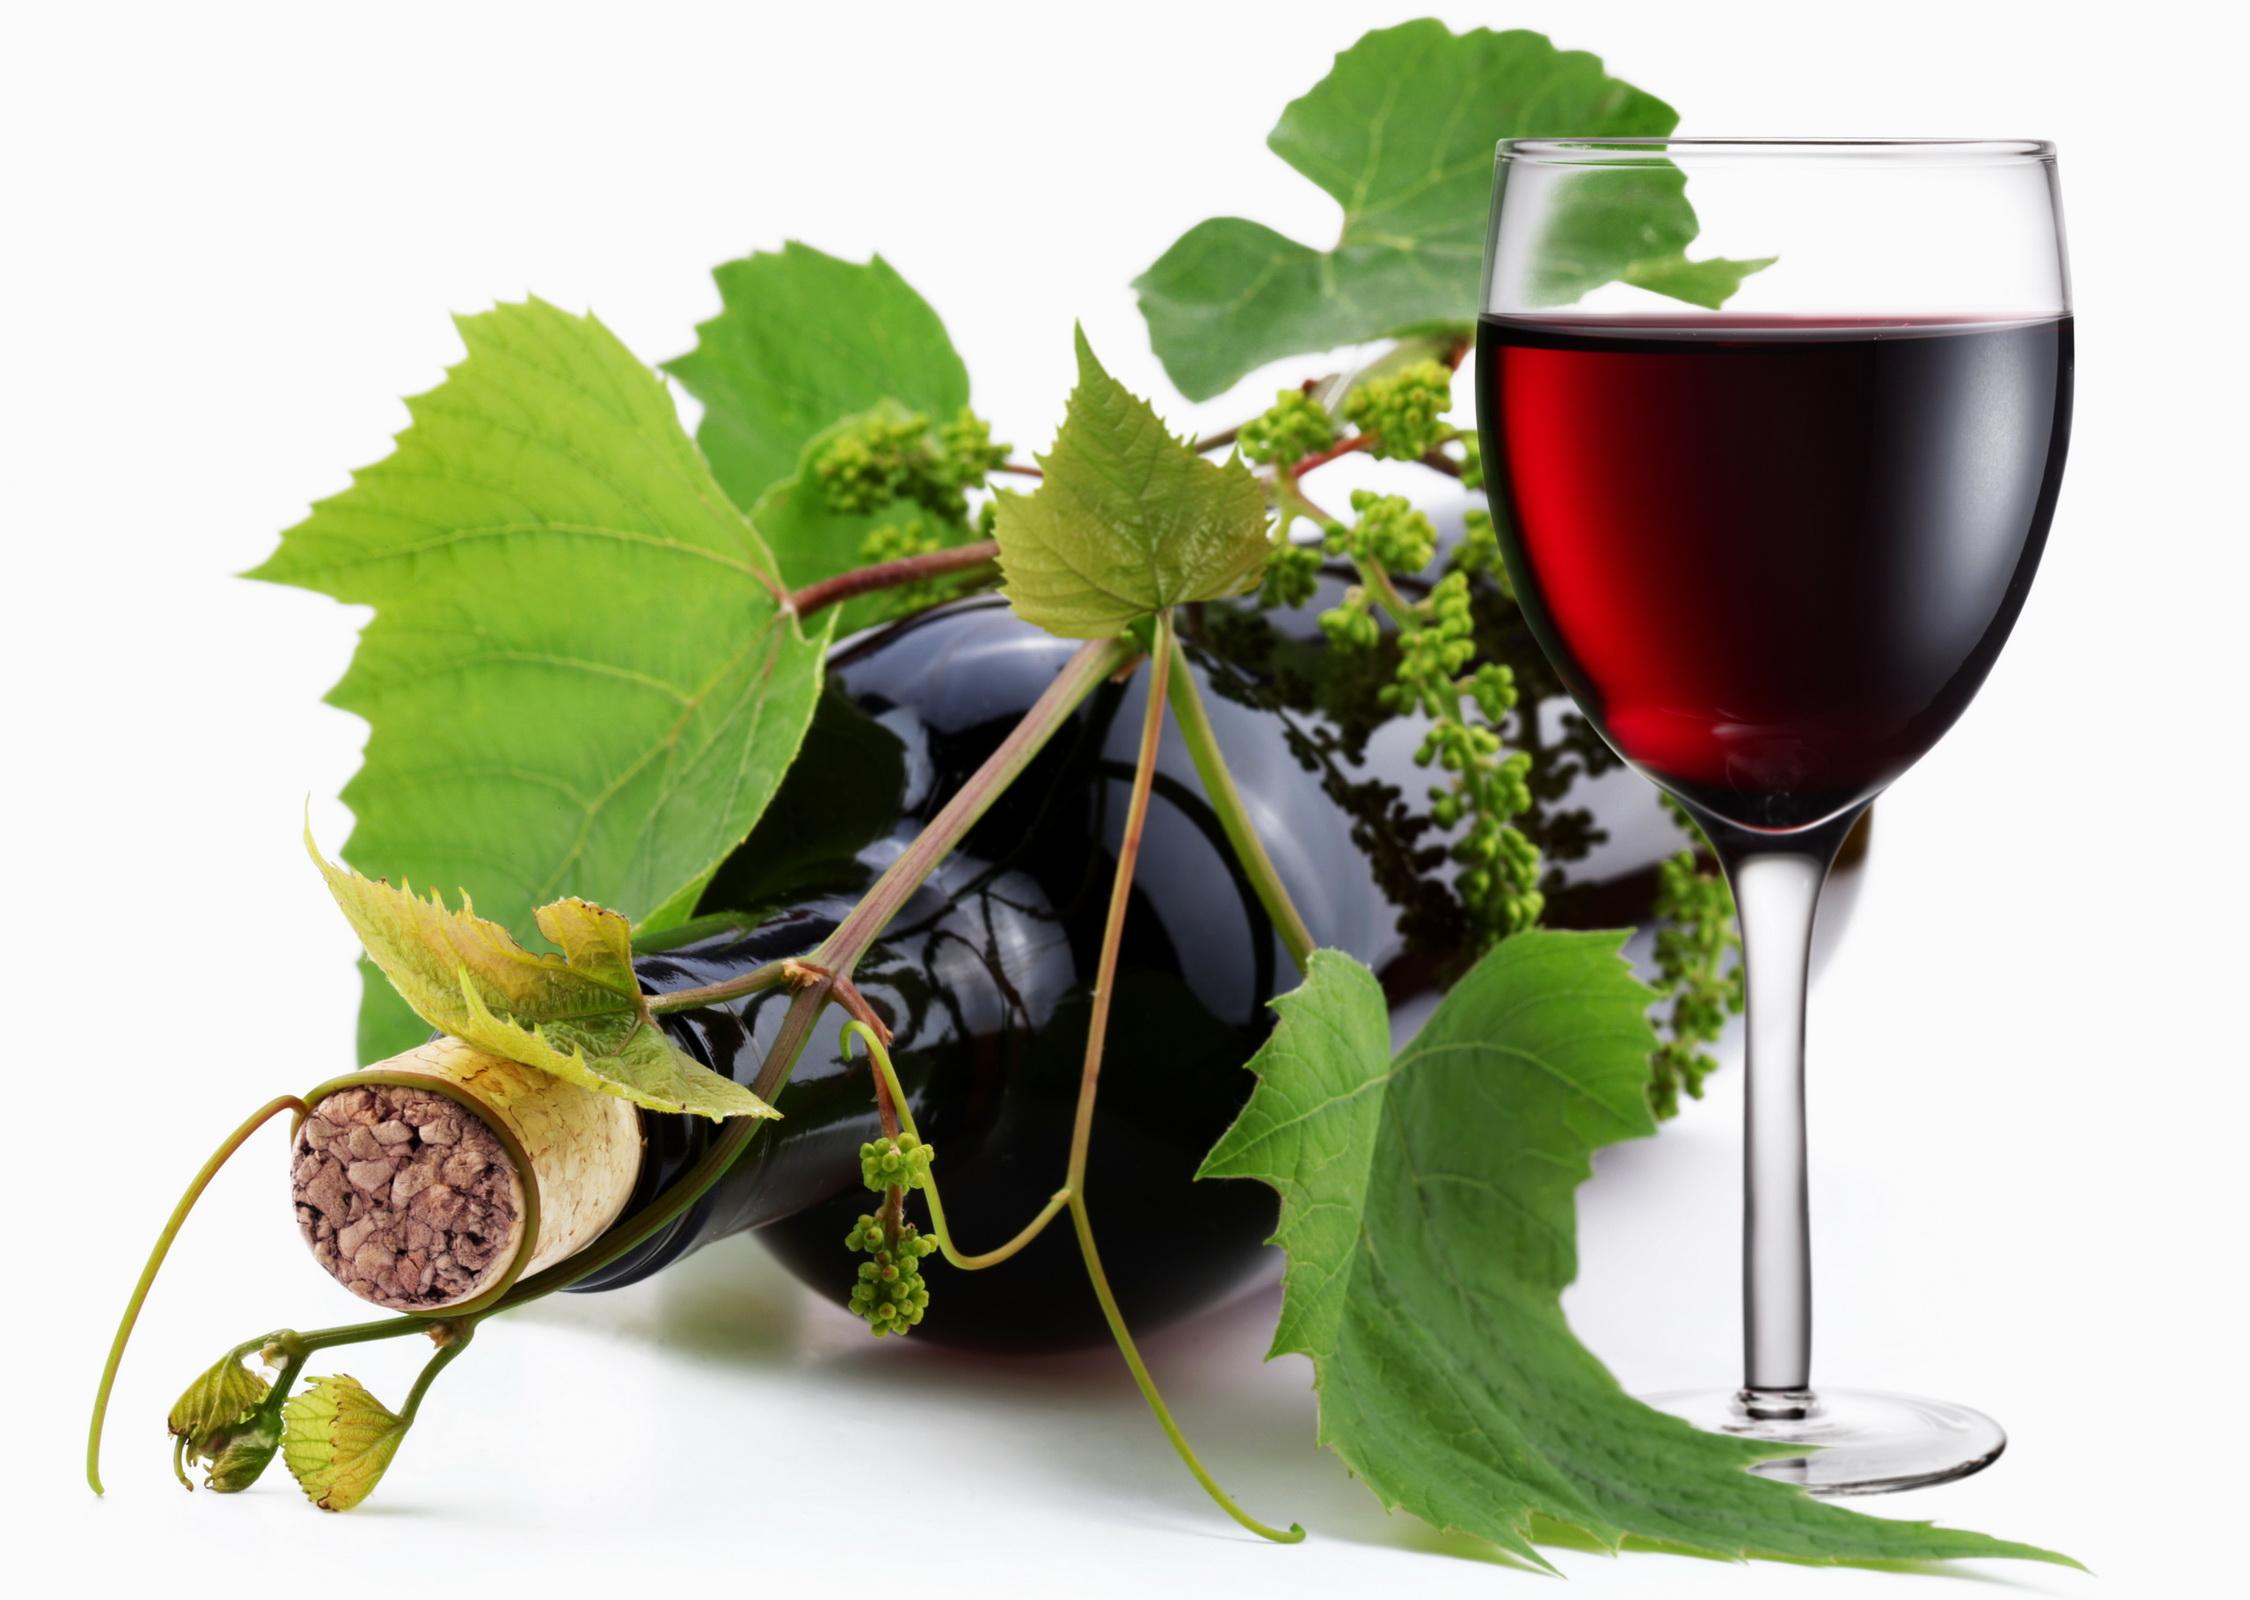 вино из винограда, скачать фото, обои для рабочего стола, рюмка с вином